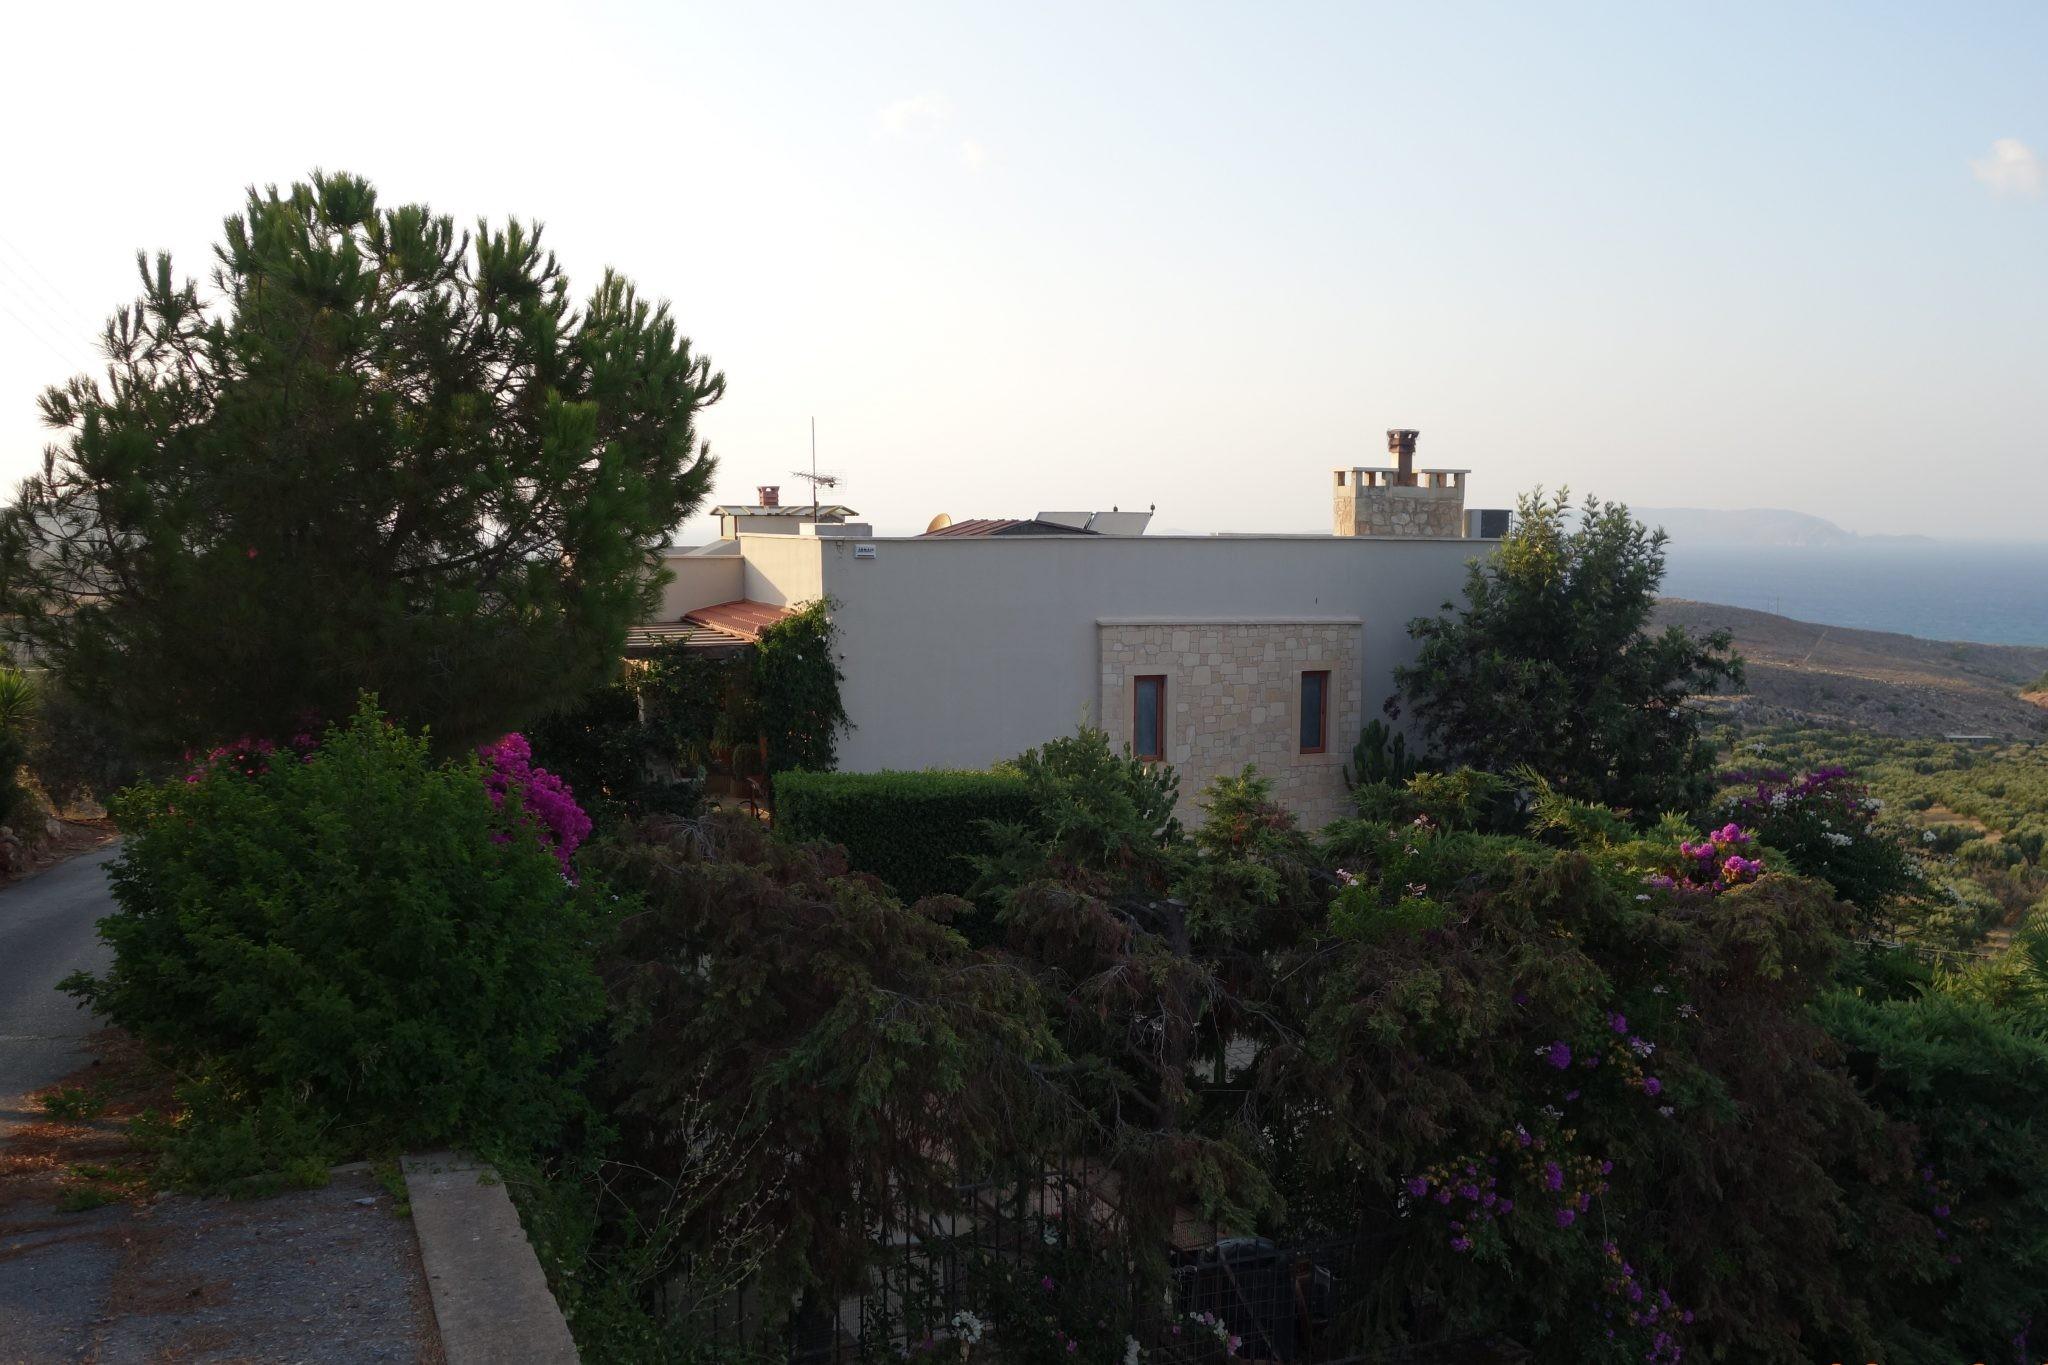 Maison, Heraklion - Ref GR-4176